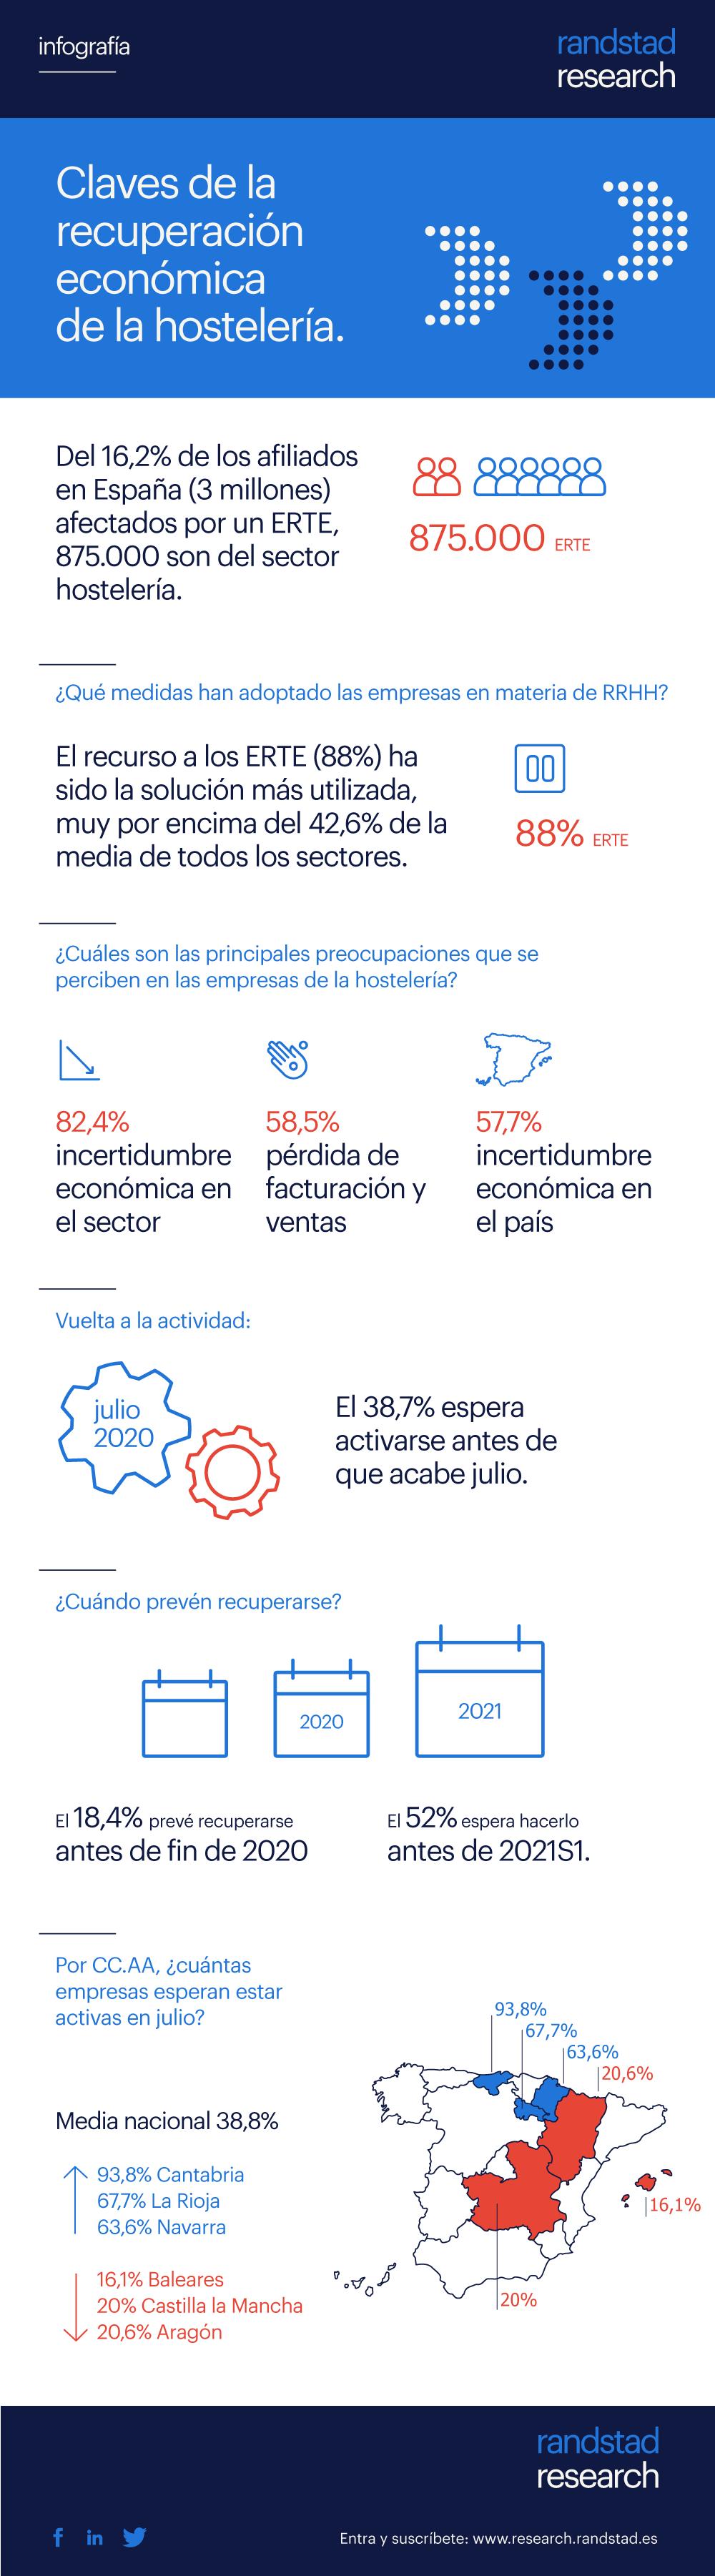 Claves para la recuperación económica de la Hostelería #infografia #infographic